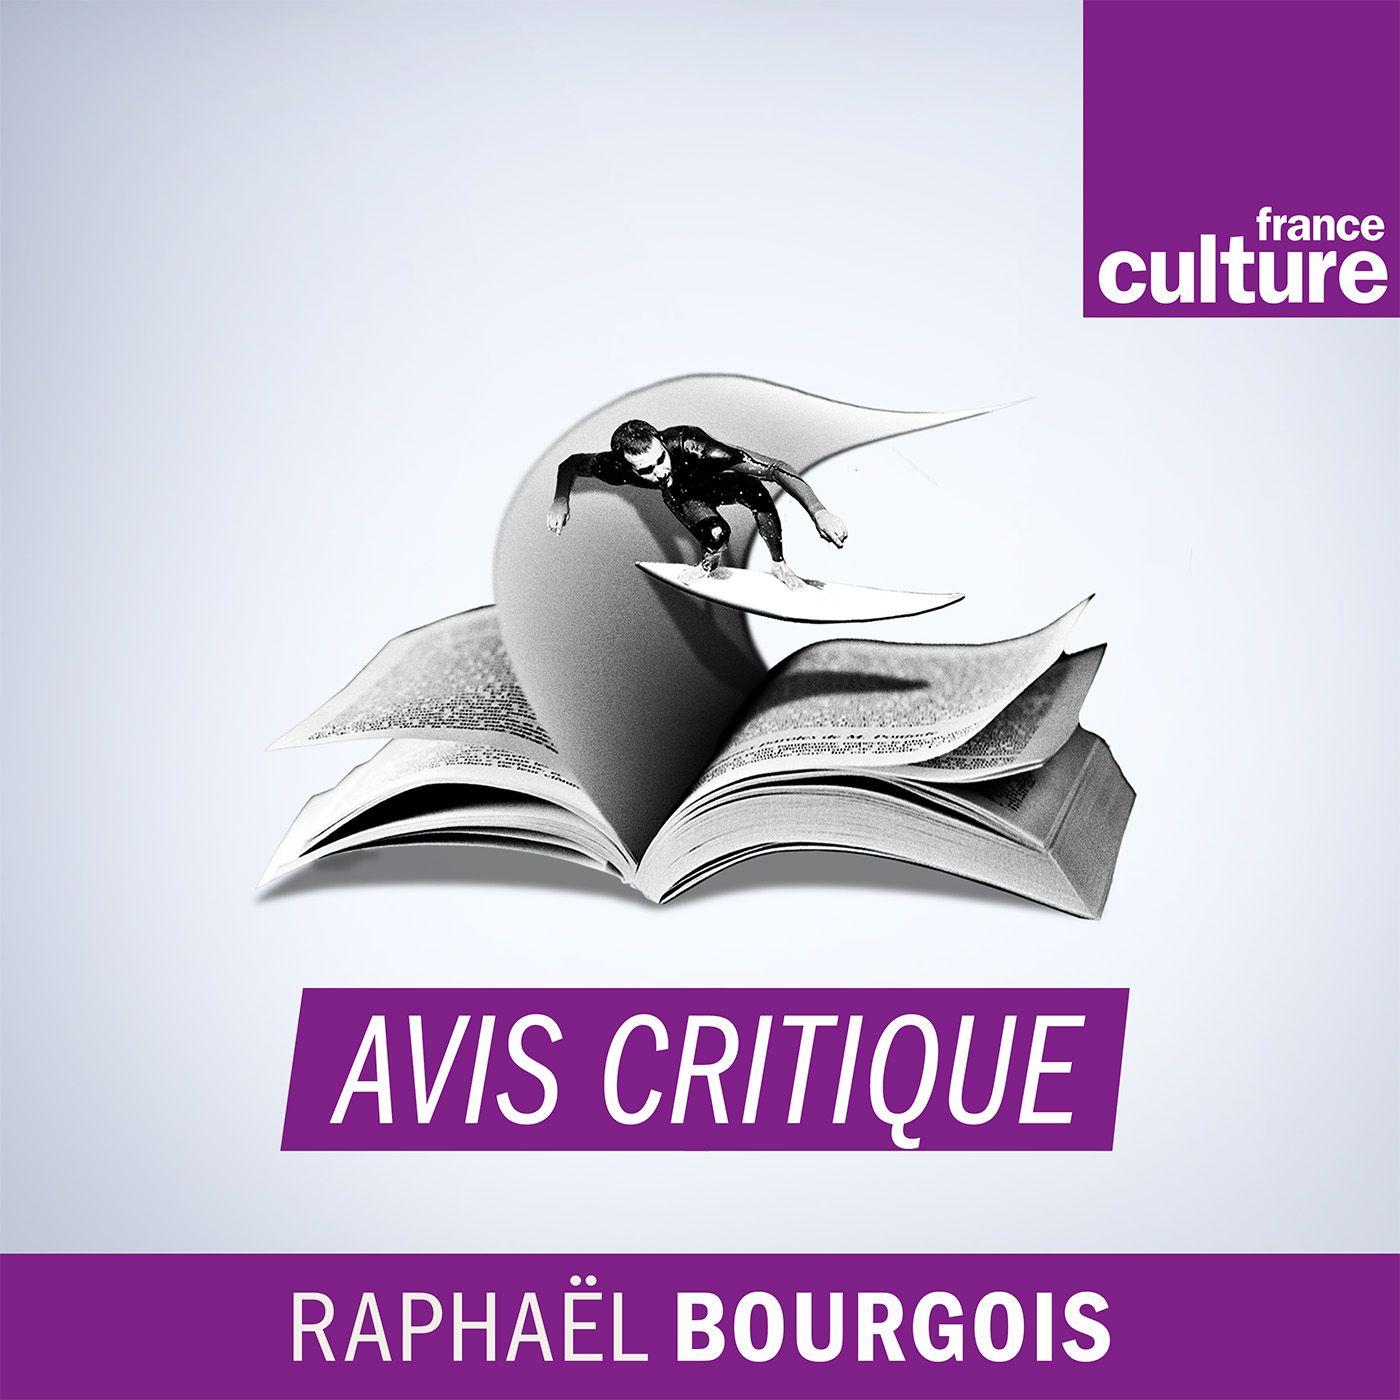 Image 1: Avis critique